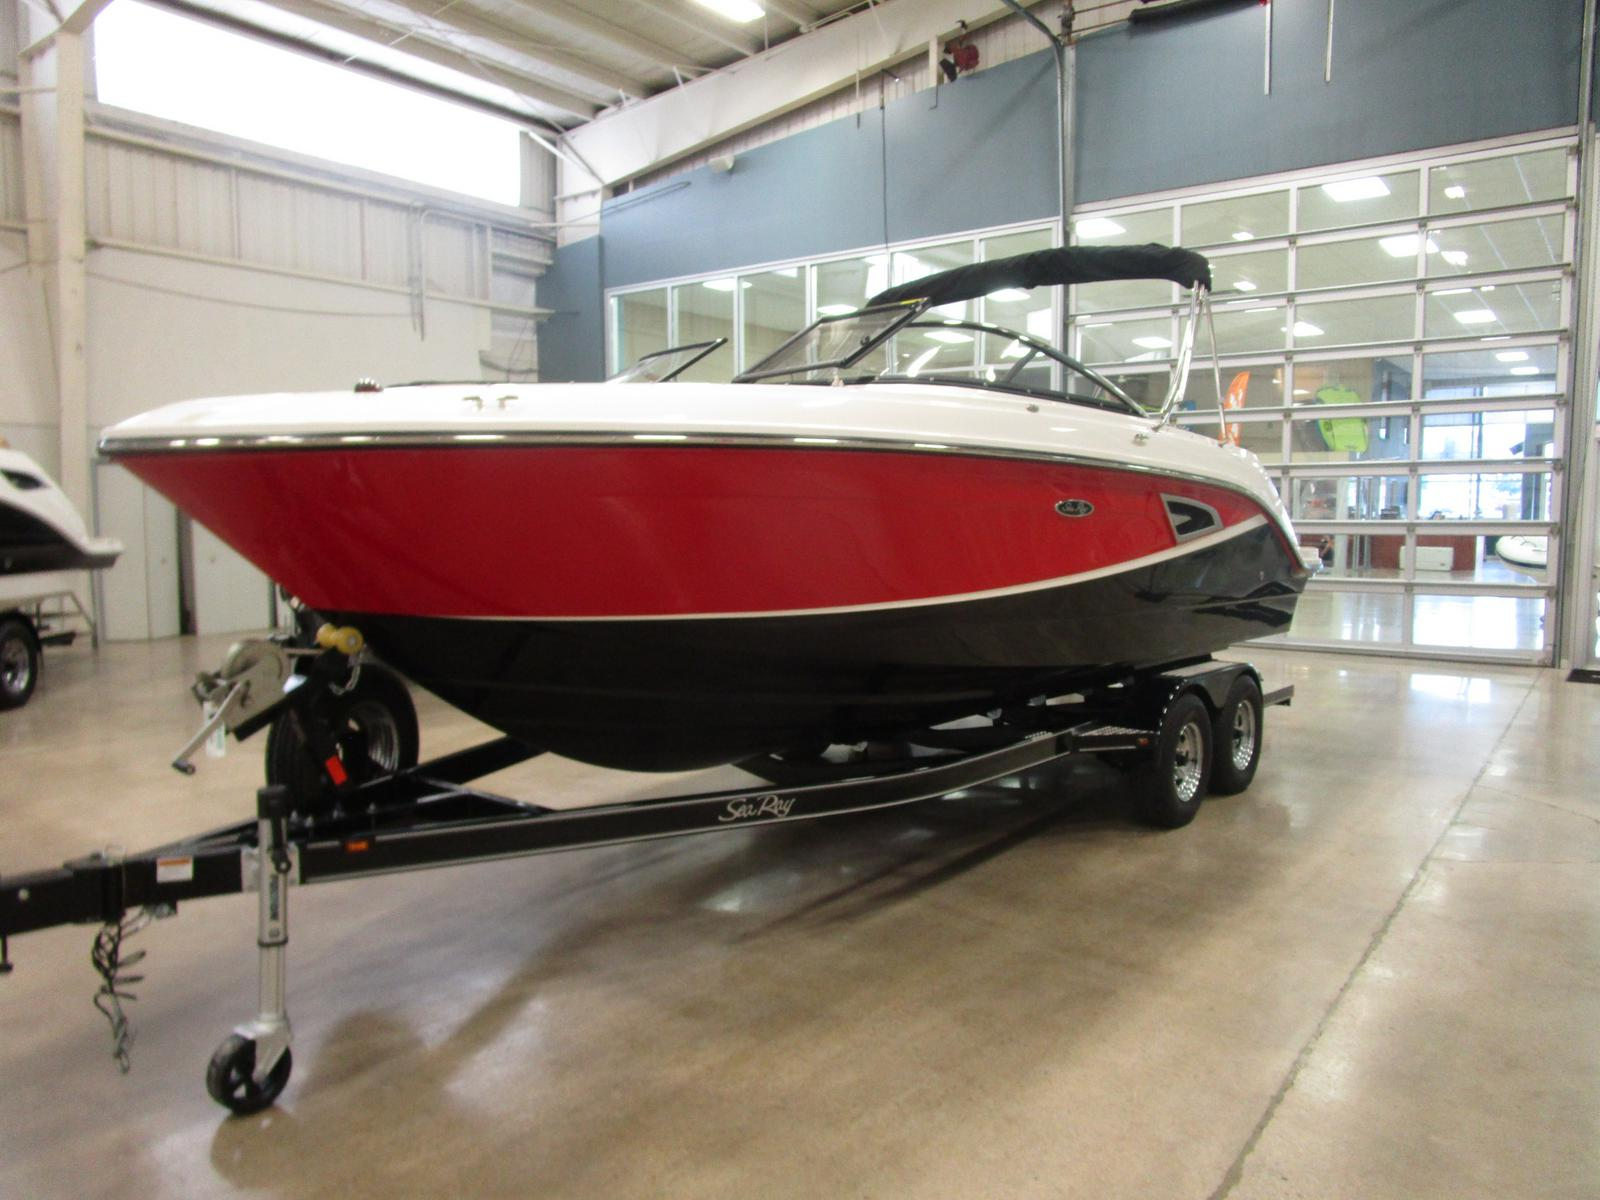 2019 Sea Ray SLX 230 for sale in Michigan City, IN  B & E